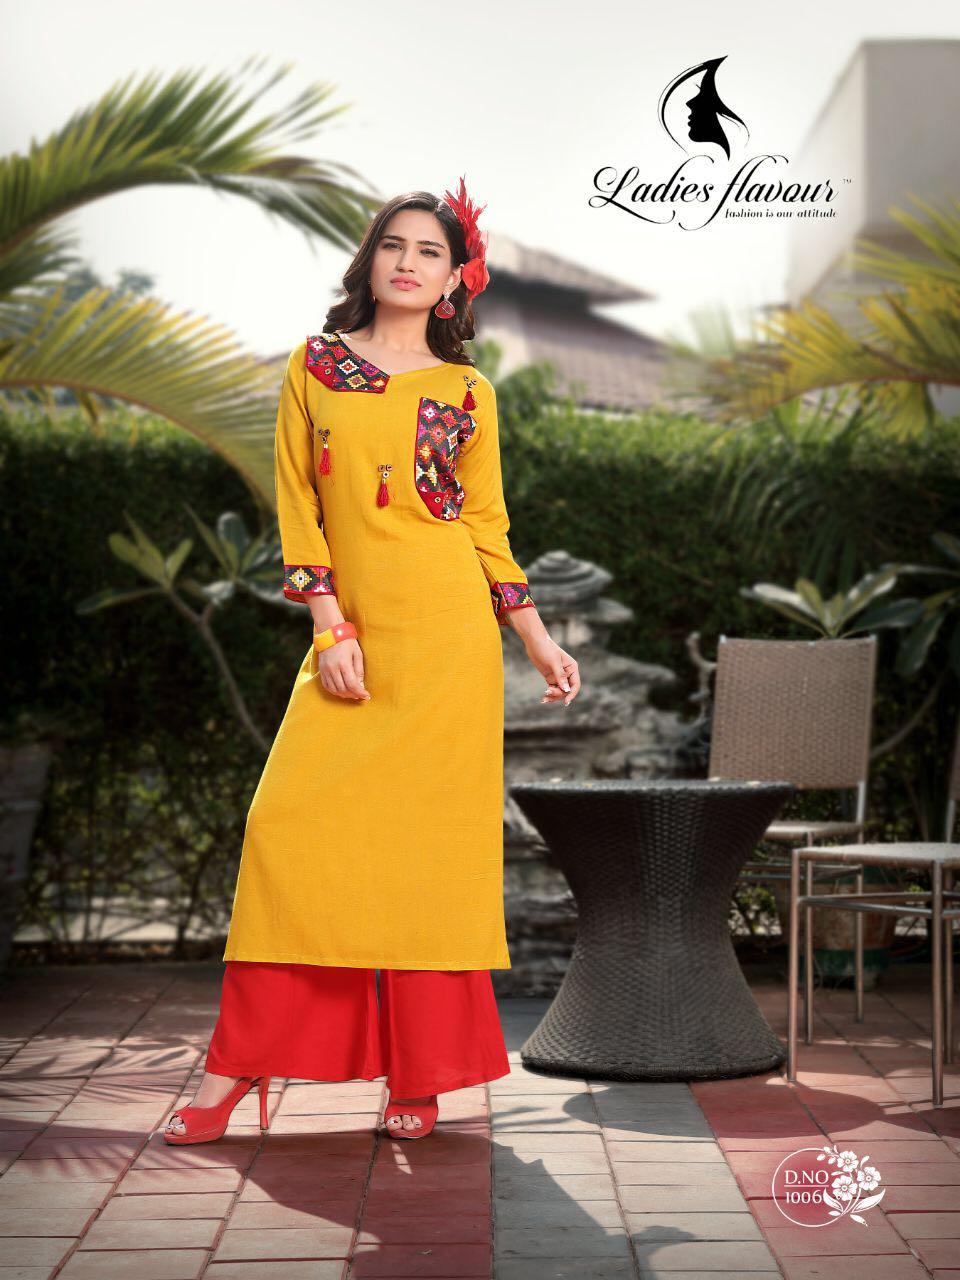 Ladies Flavour Noor 1006